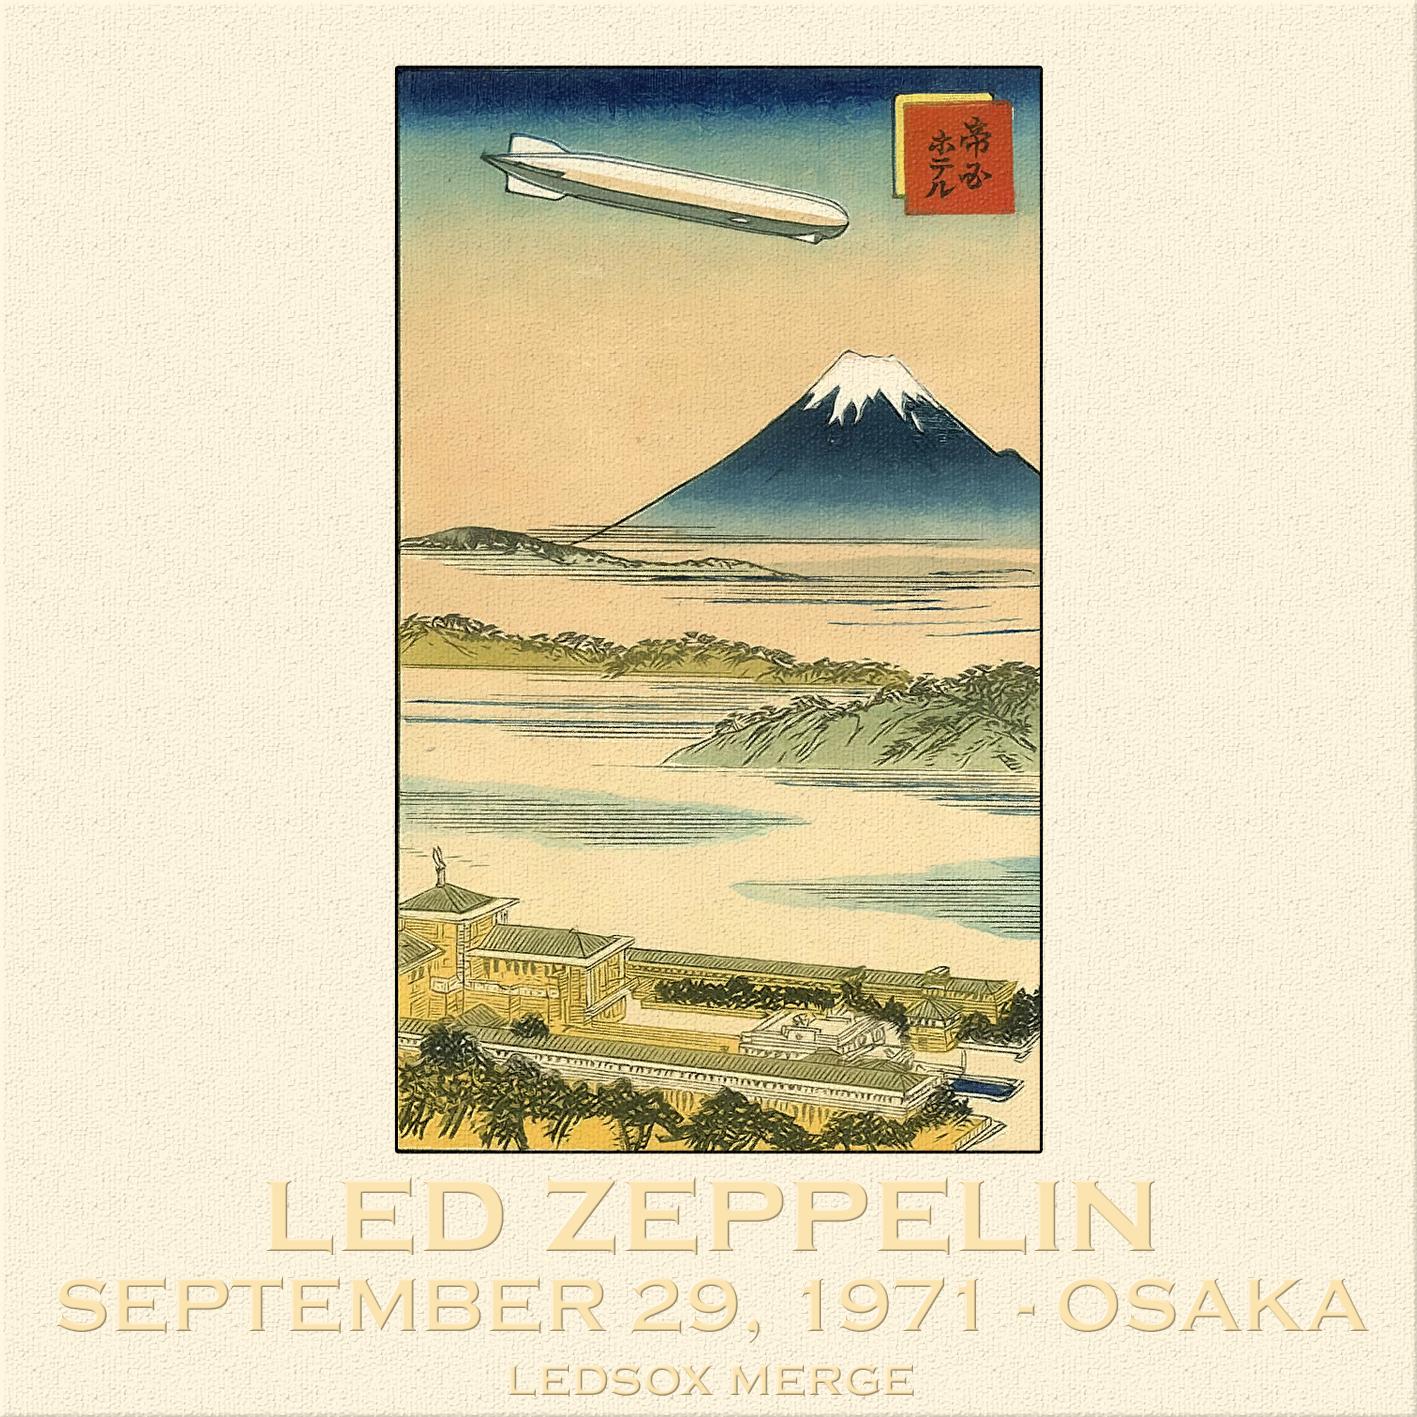 Led Zeppelin - 1971-09-29 - Festival Hall, Osaka (SBD + Winston